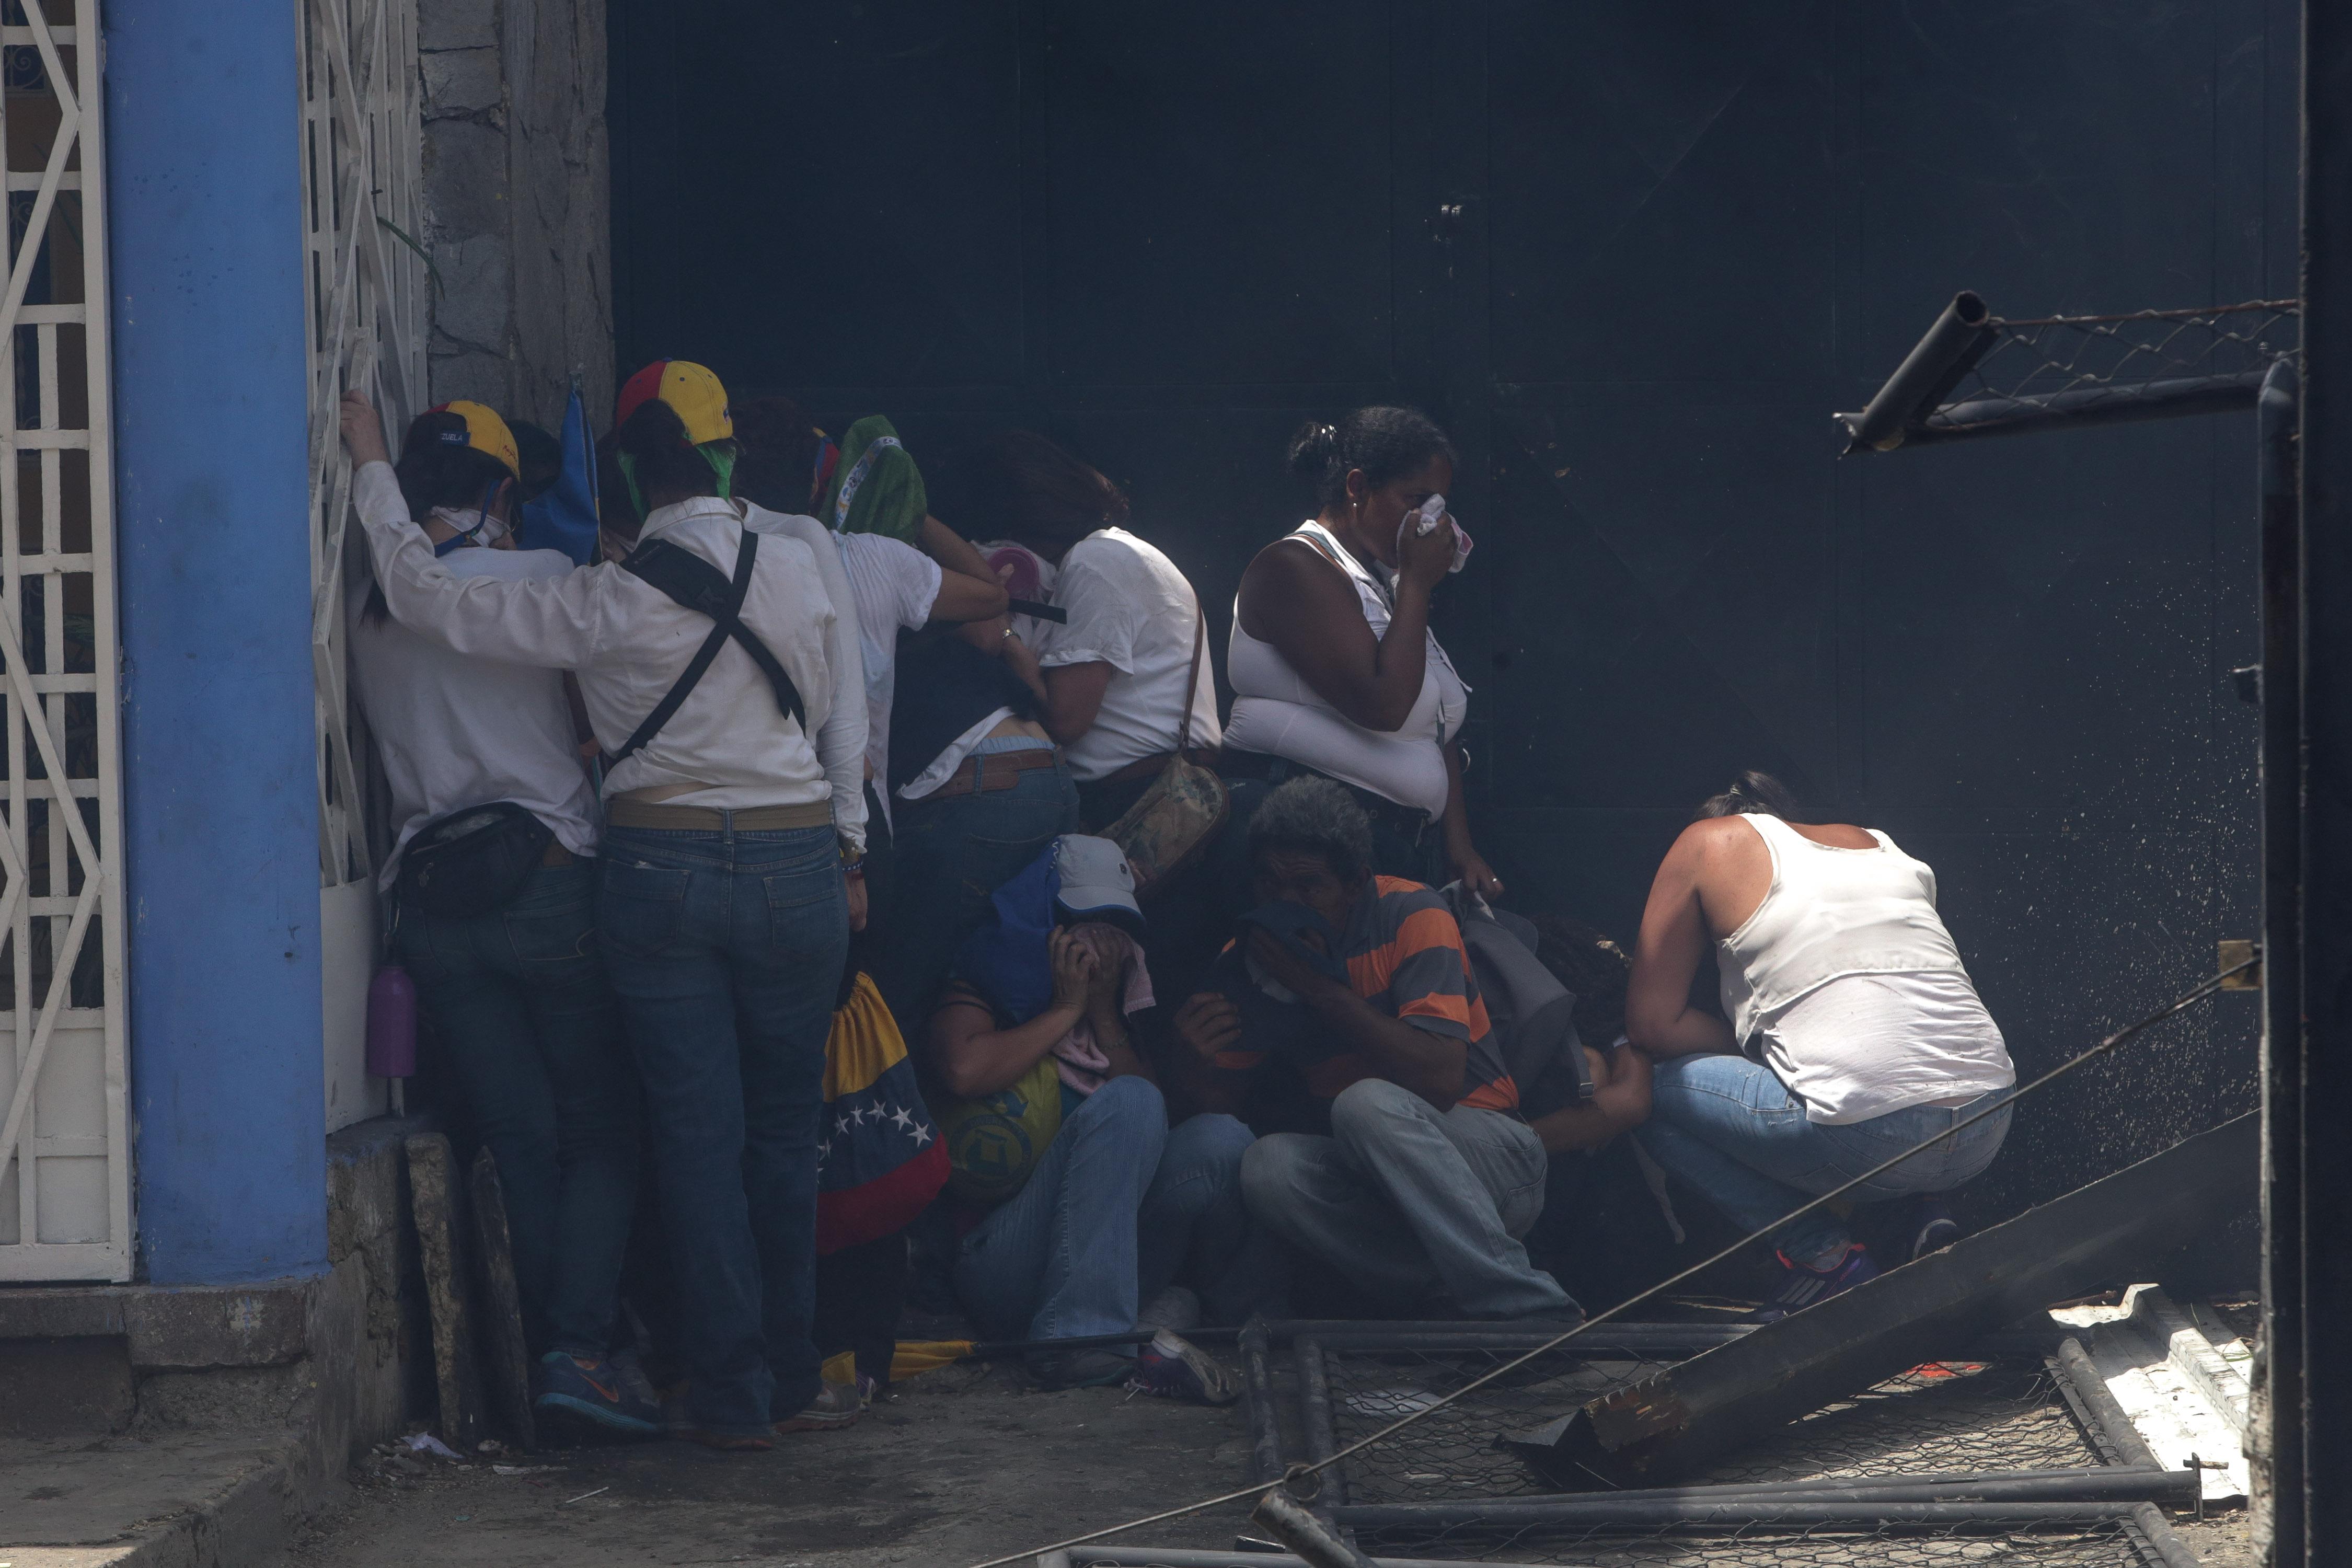 CAR230. CARACAS (VENEZUELA), 19/04/2017 - Un grupo de manifestantes se protege de los gases lacrimógenos durante una protesta en contra del Gobierno venezolano hoy, miércoles 19 de abril de 2017, en Caracas (Venezuela). Centenares de opositores en distintos puntos de caracas se enfrentaron hoy a los cuerpos de seguridad para mantenerse en las calles protestando, pese al uso de bombas lacrimógenas por parte de las fuerzas policiales para dispersar y bloquear el paso de las marchas. EFE/CRISTIAN HERNANDEZ